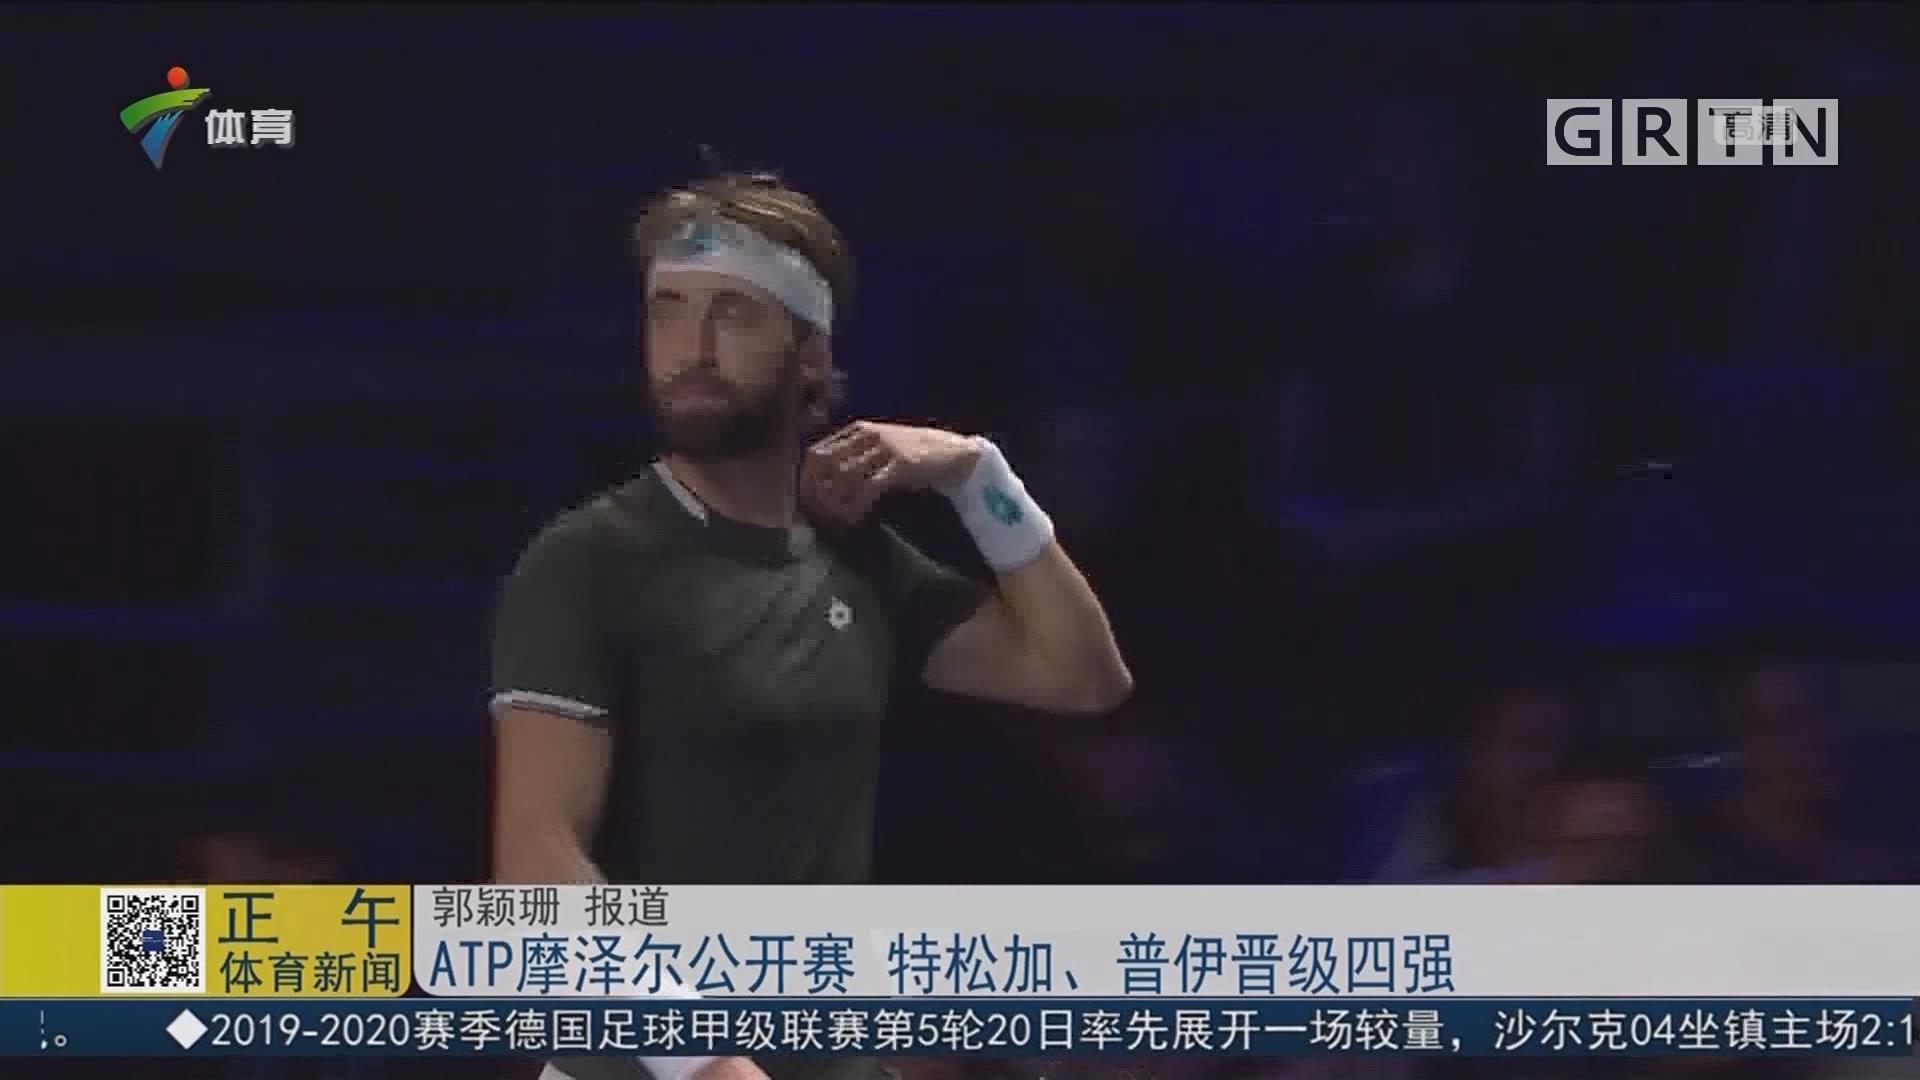 ATP摩泽尔公开赛 特松加、普伊晋级四强